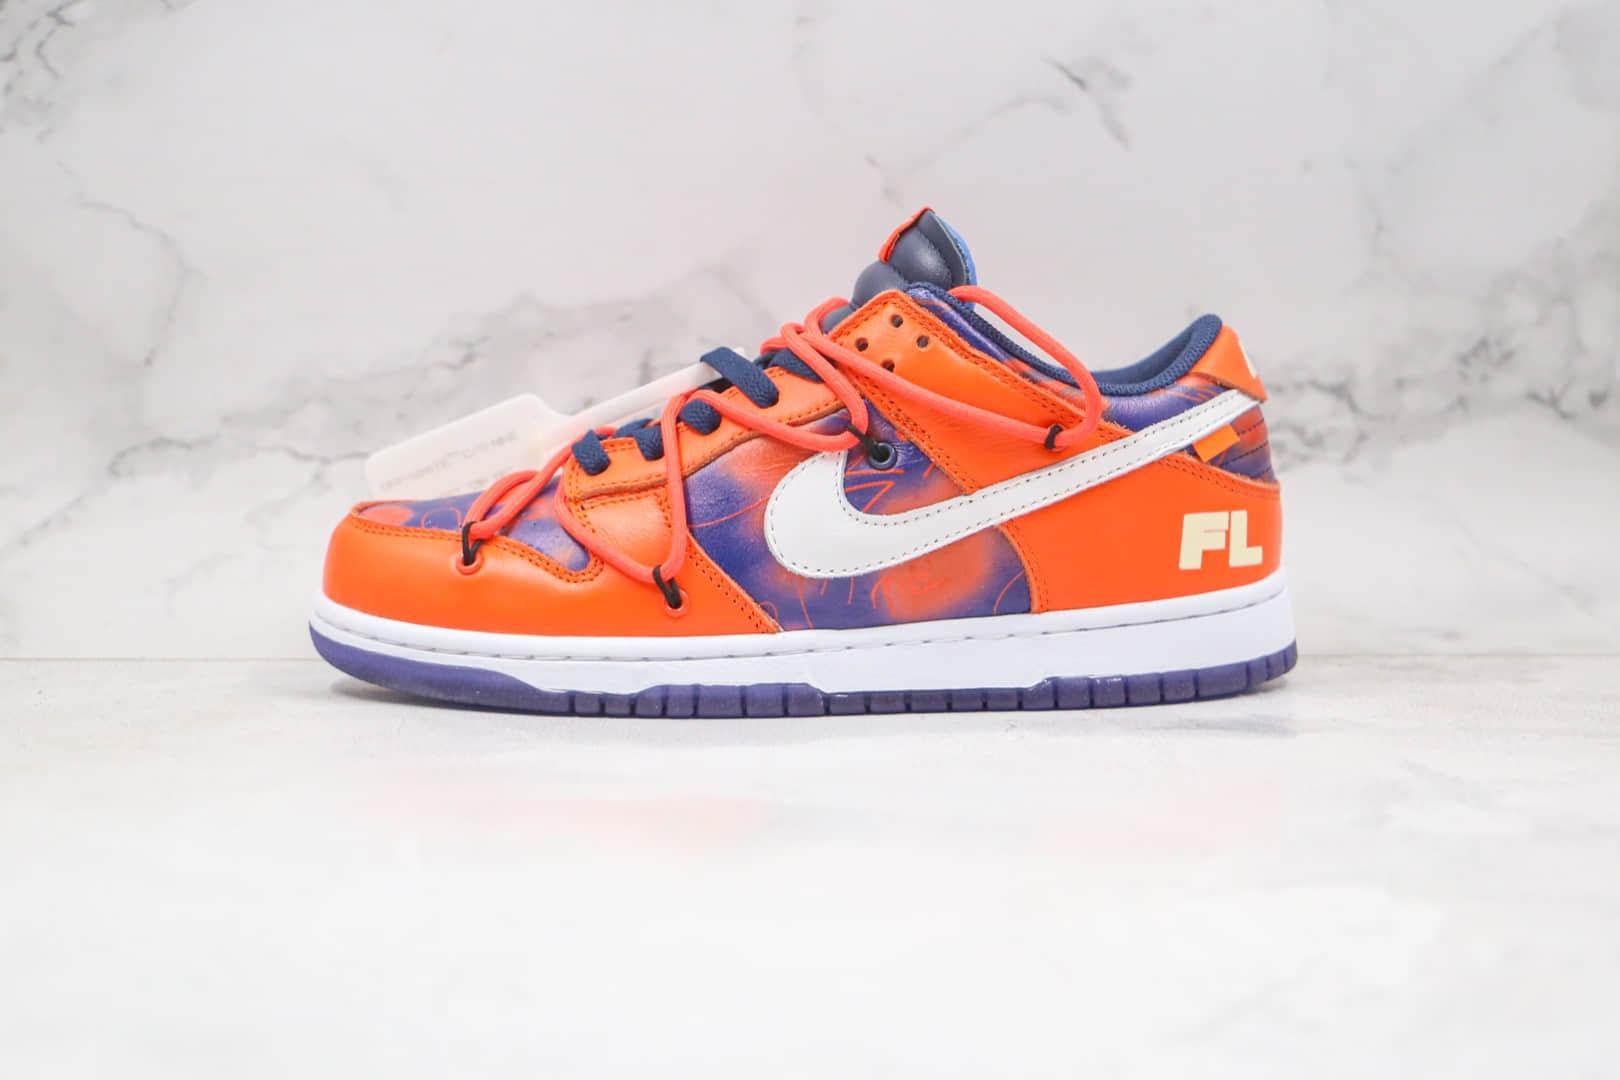 耐克Nike SB Dunk x OFF-WHITE联名款纯原版本低帮SB DUNK蓝橙色板鞋原档案数据开发原盒原标 货号:CT0856-801